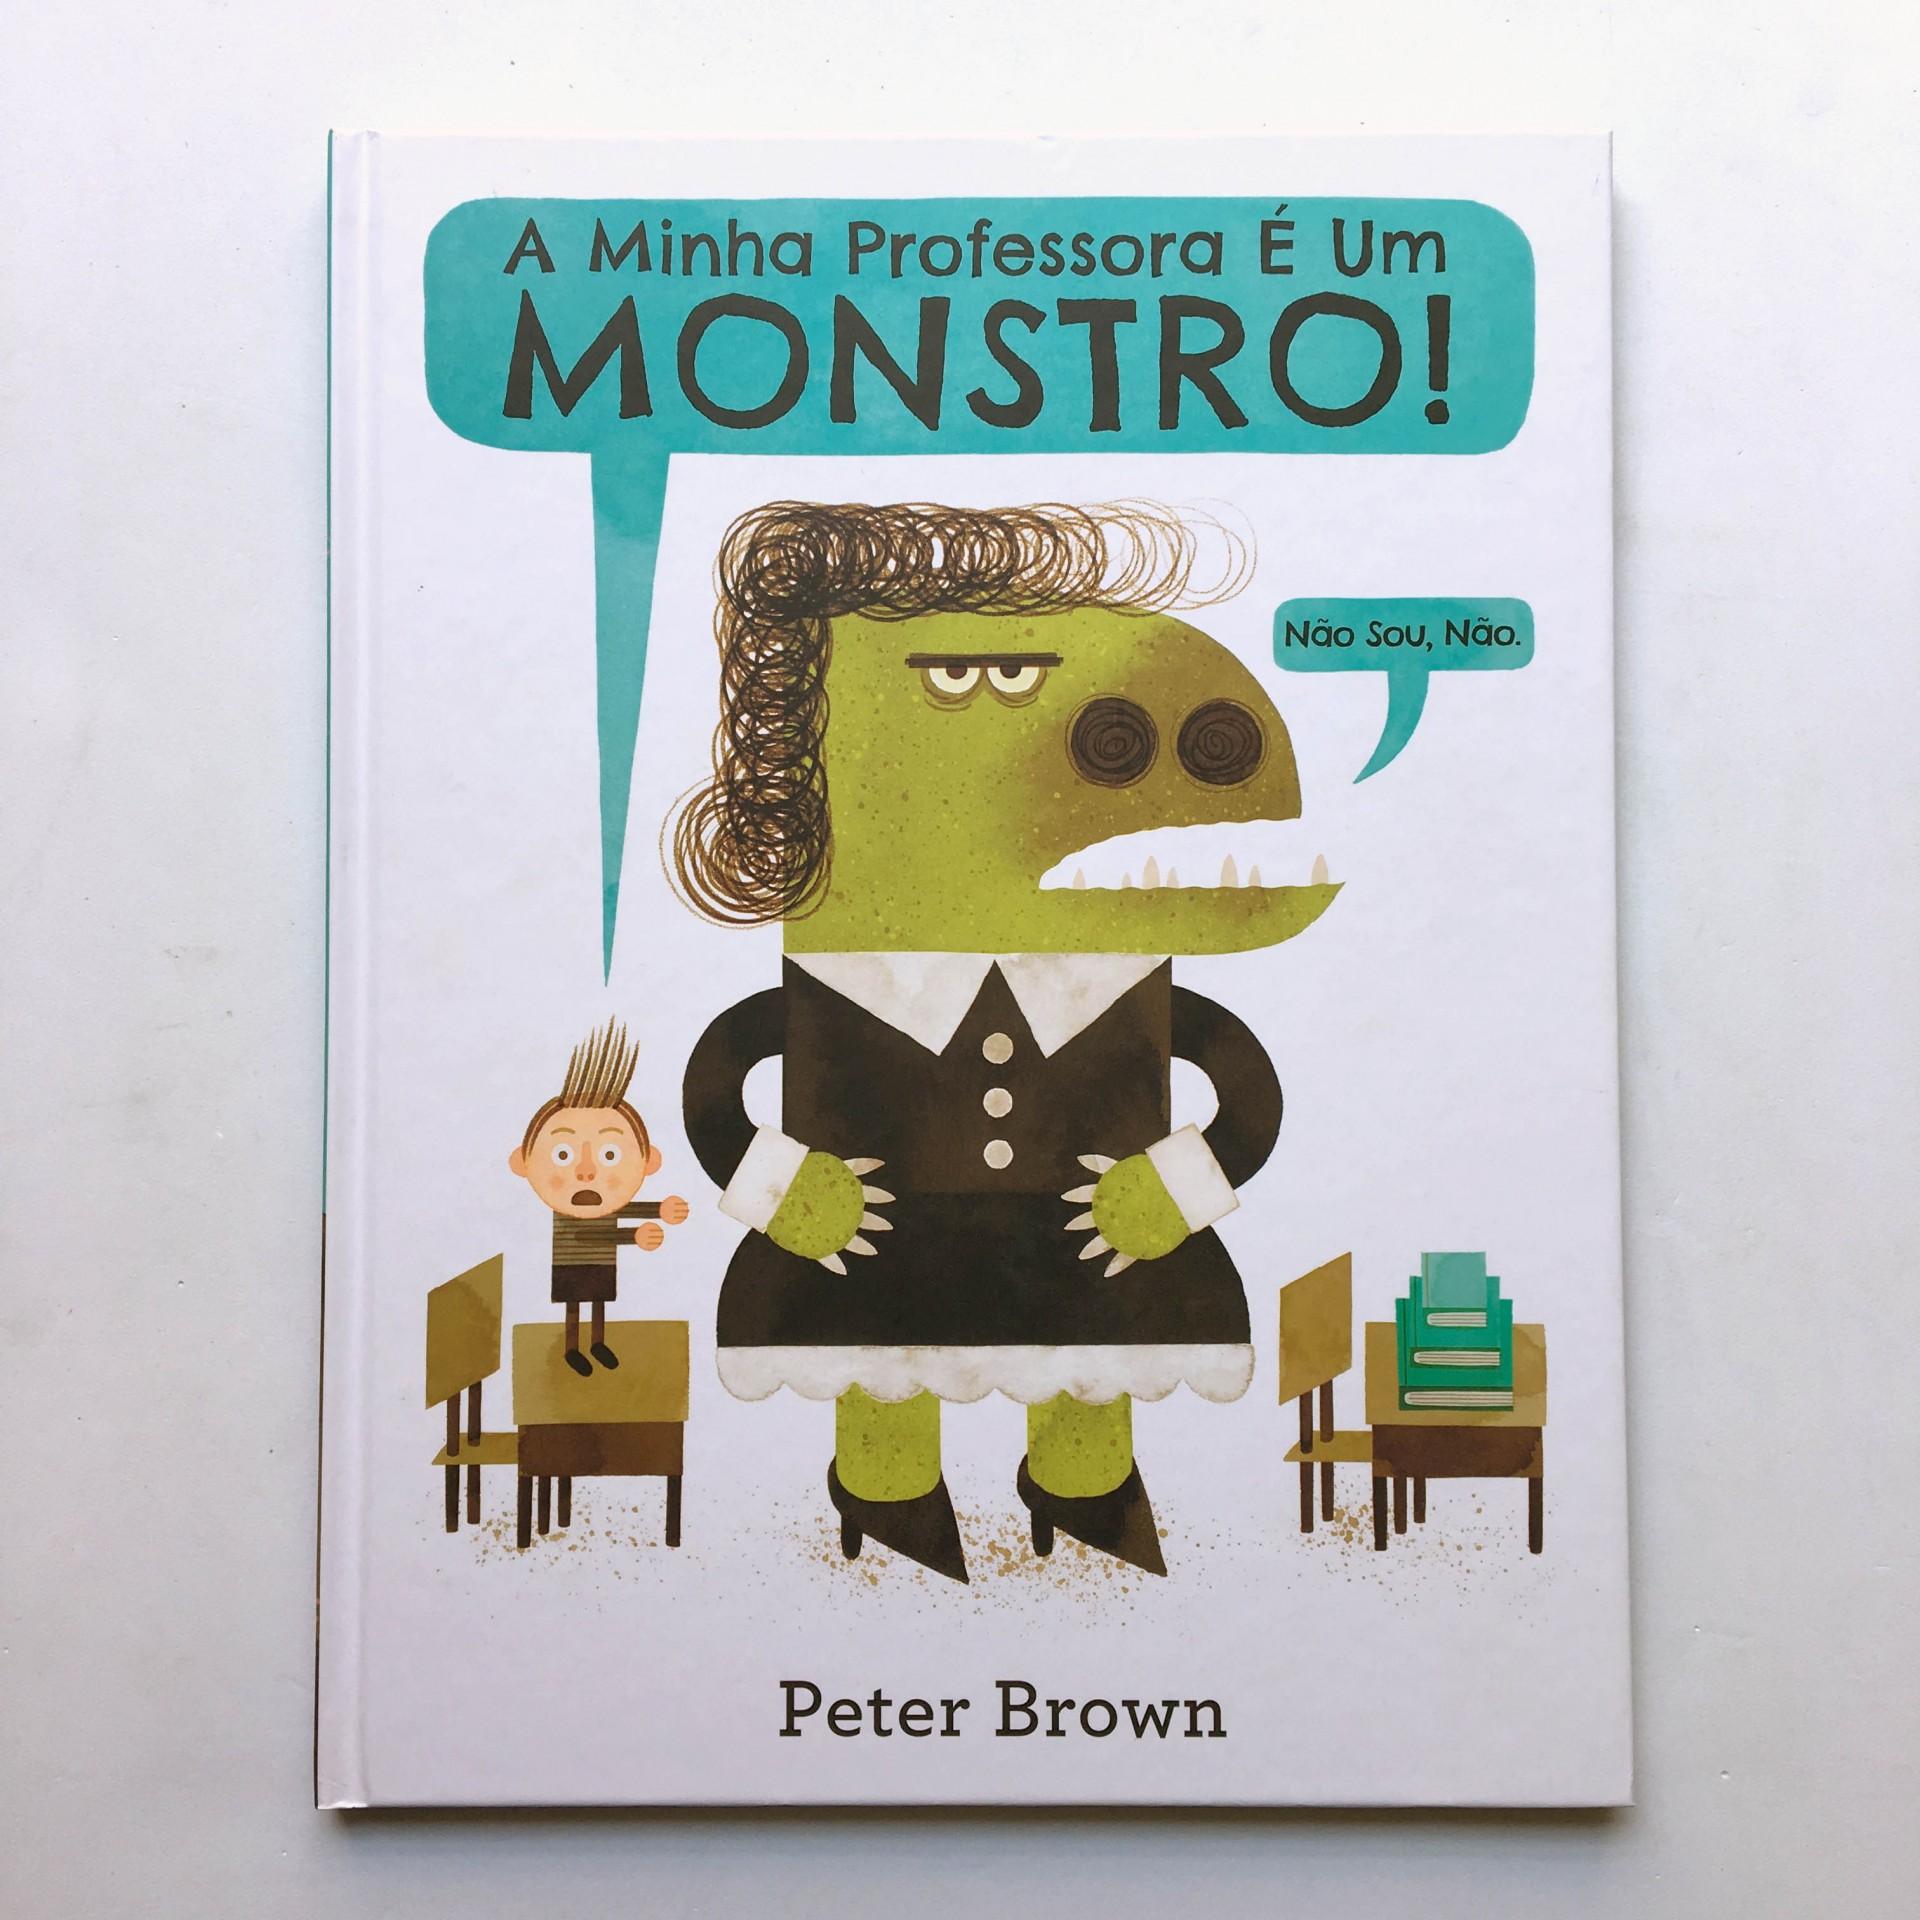 A Minha Professora é um Monstro! Não sou, não